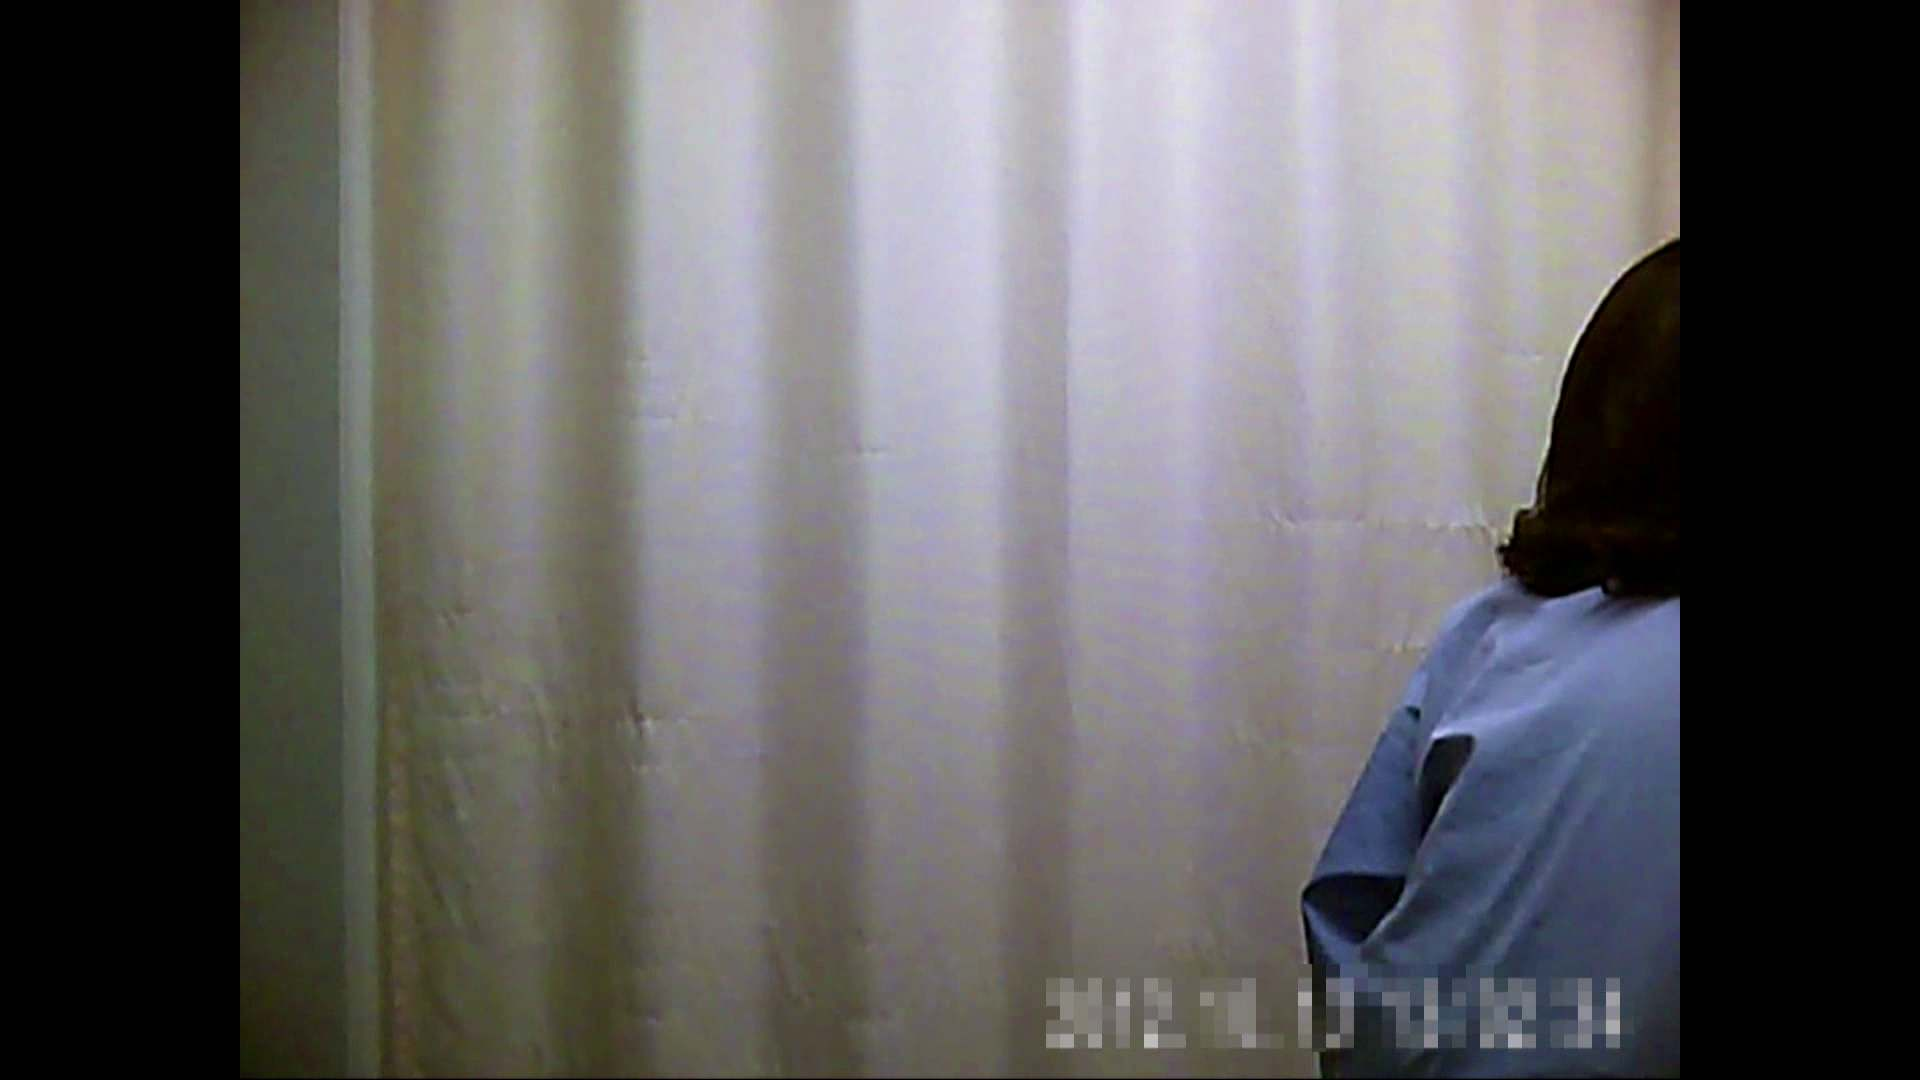 元医者による反抗 更衣室地獄絵巻 vol.059 OLハメ撮り  95Pix 23